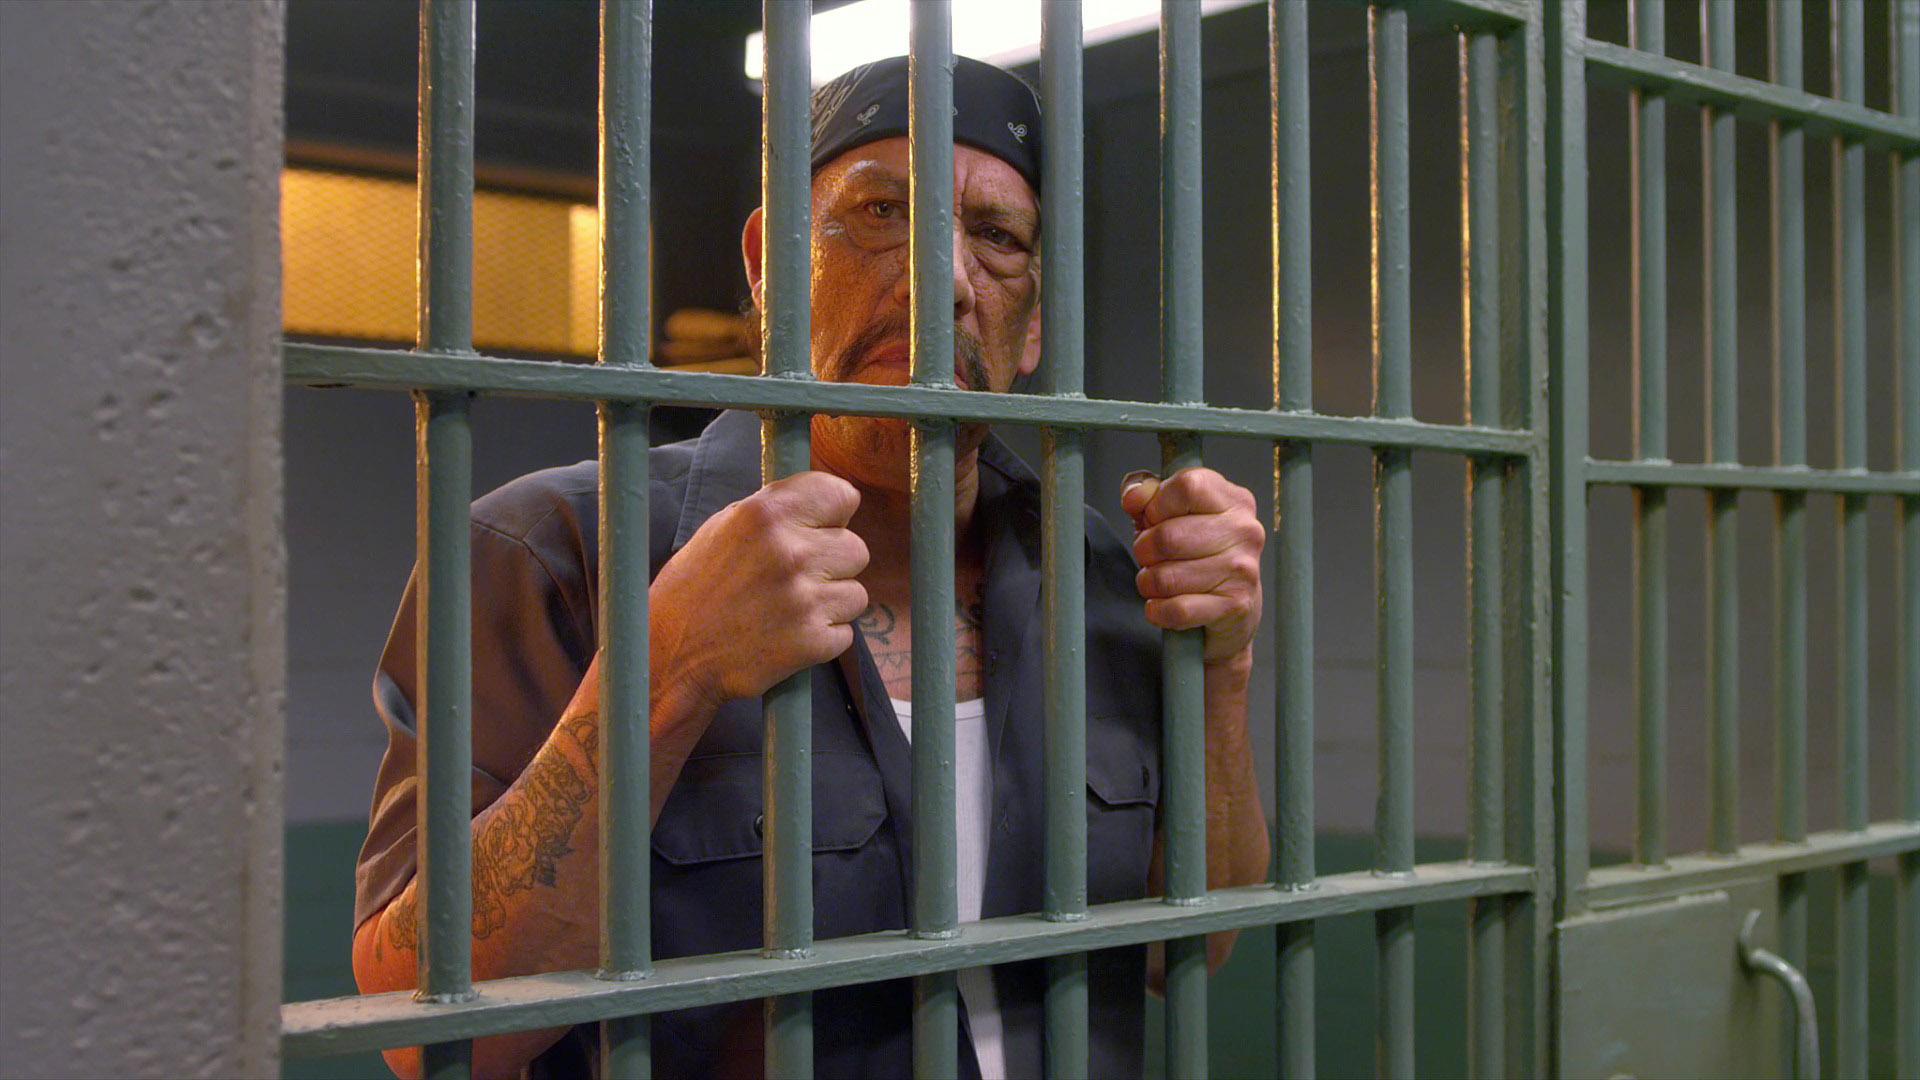 Поздравления парню который сидит в тюрьме